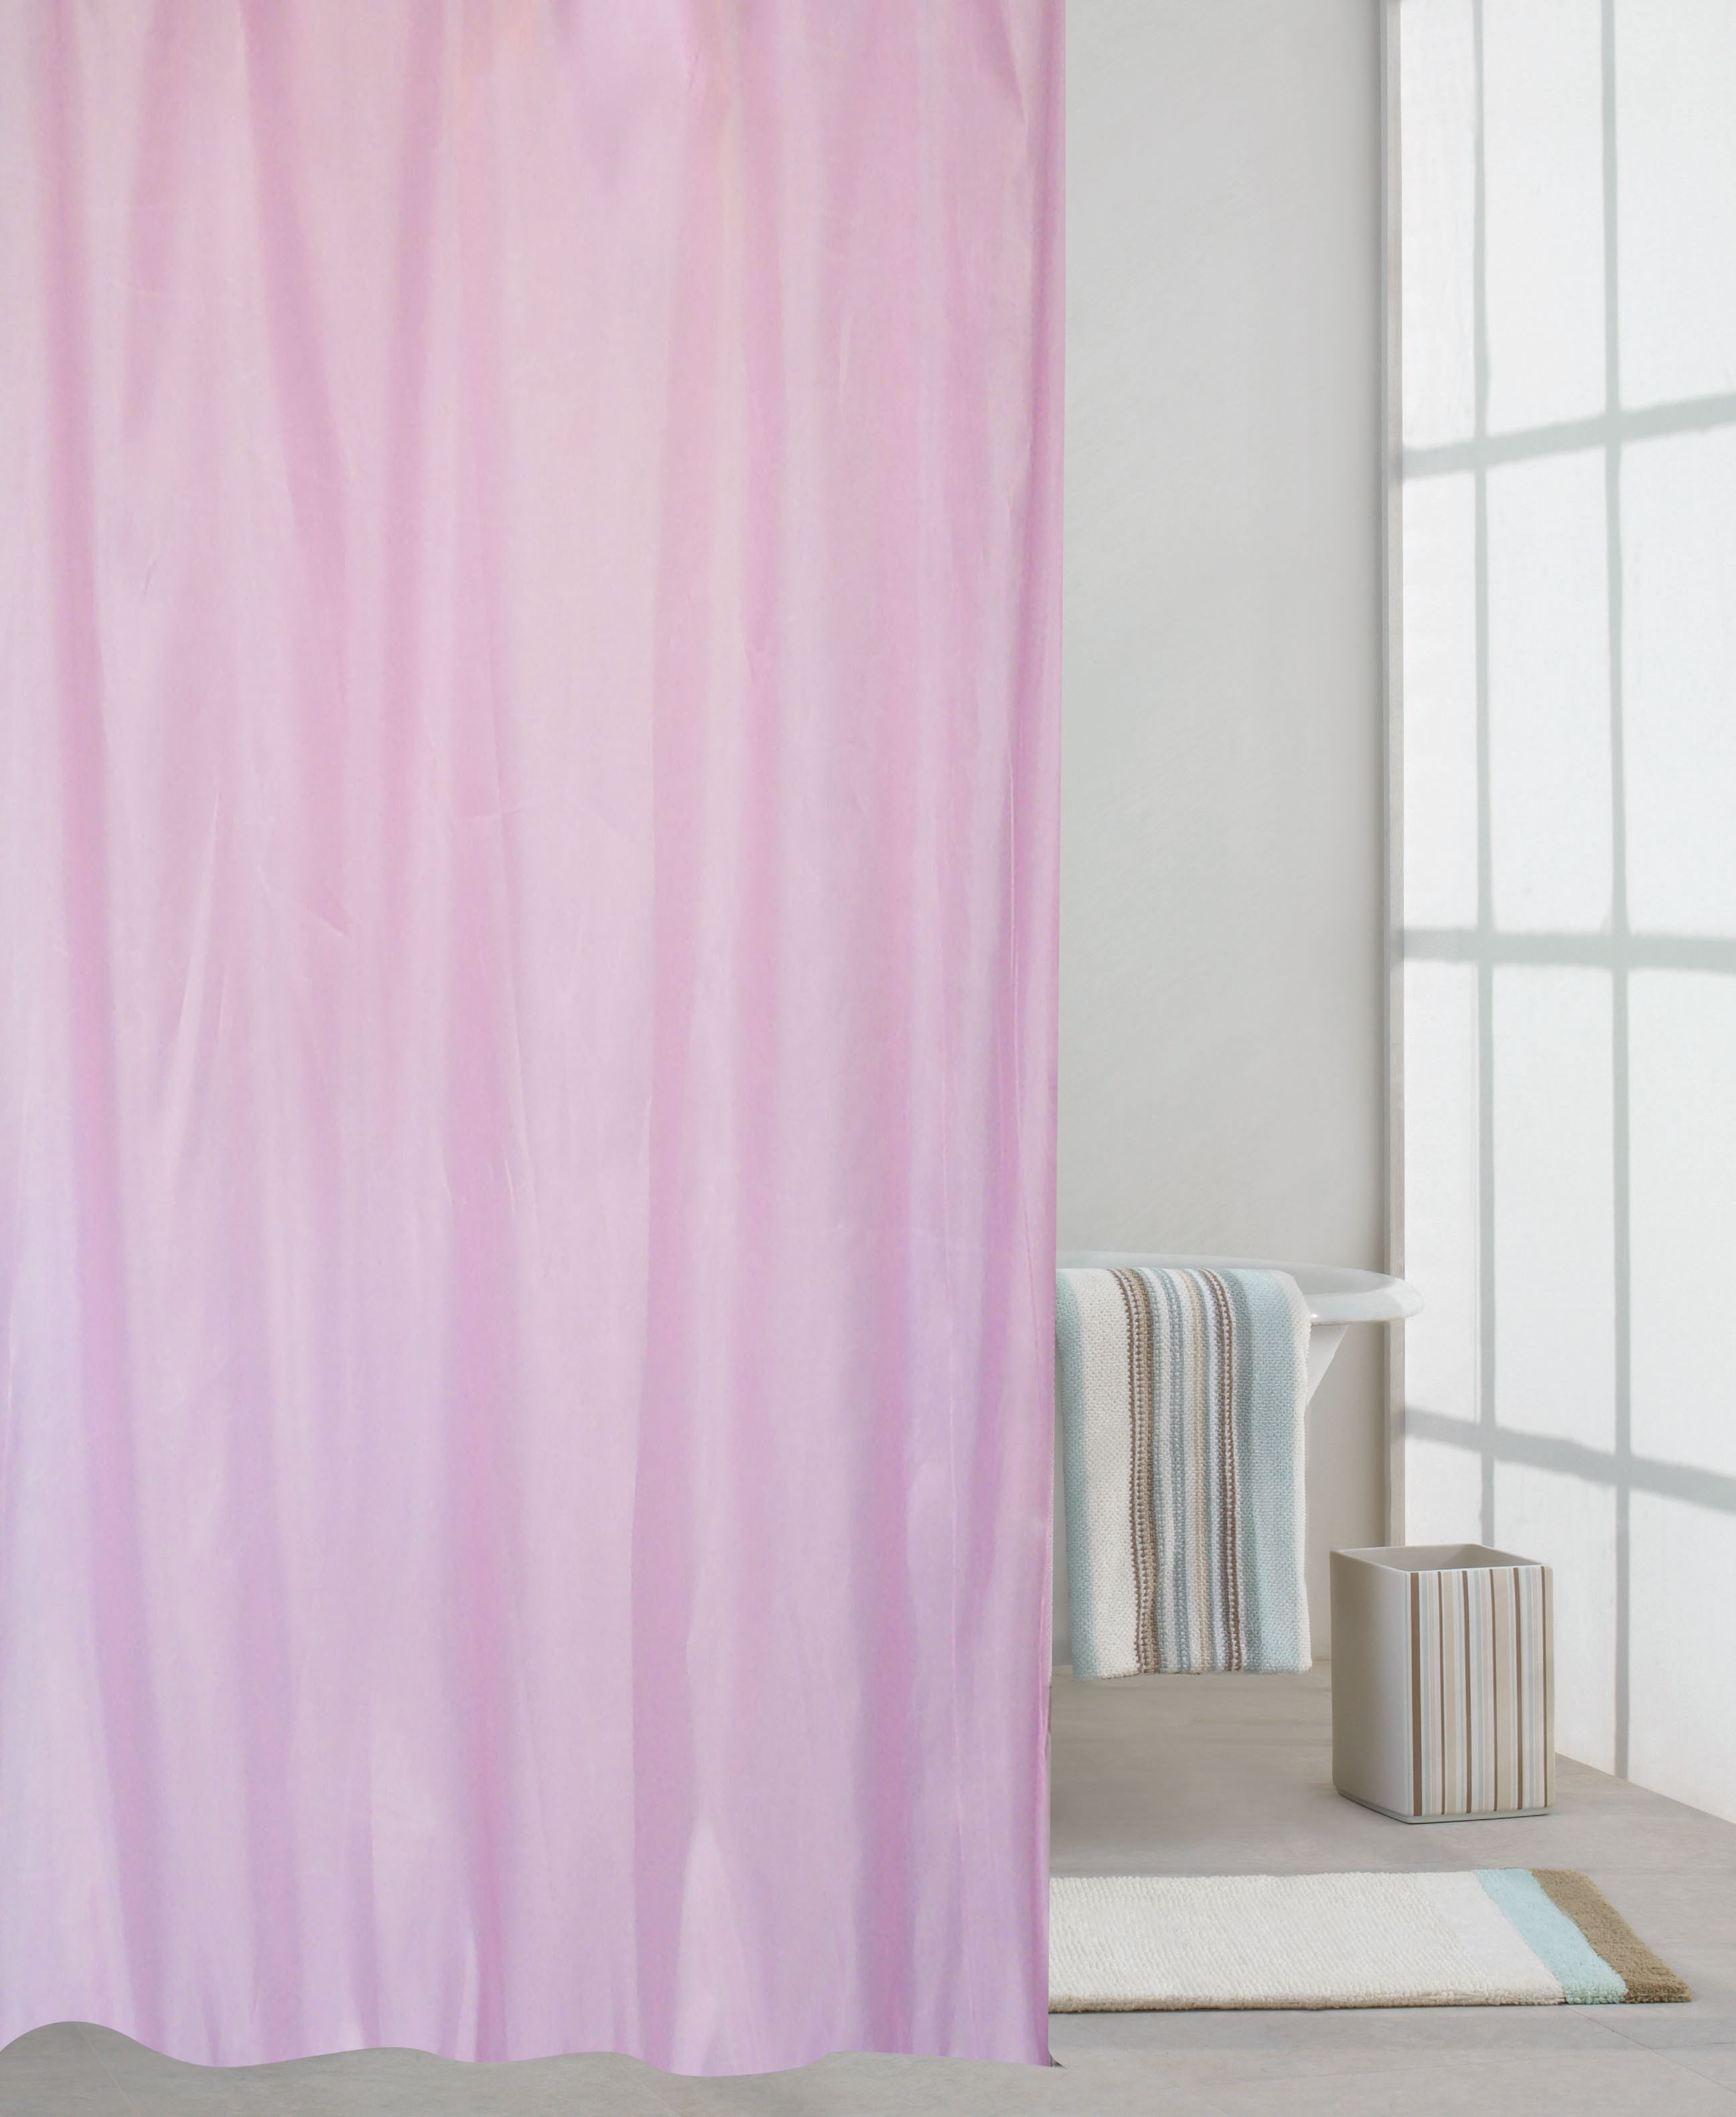 κουρτίνα μπανιου υφασμάτινη μονόχρωμη 180x180cm home   ειδη μπανιου   κουρτίνες μπάνιου